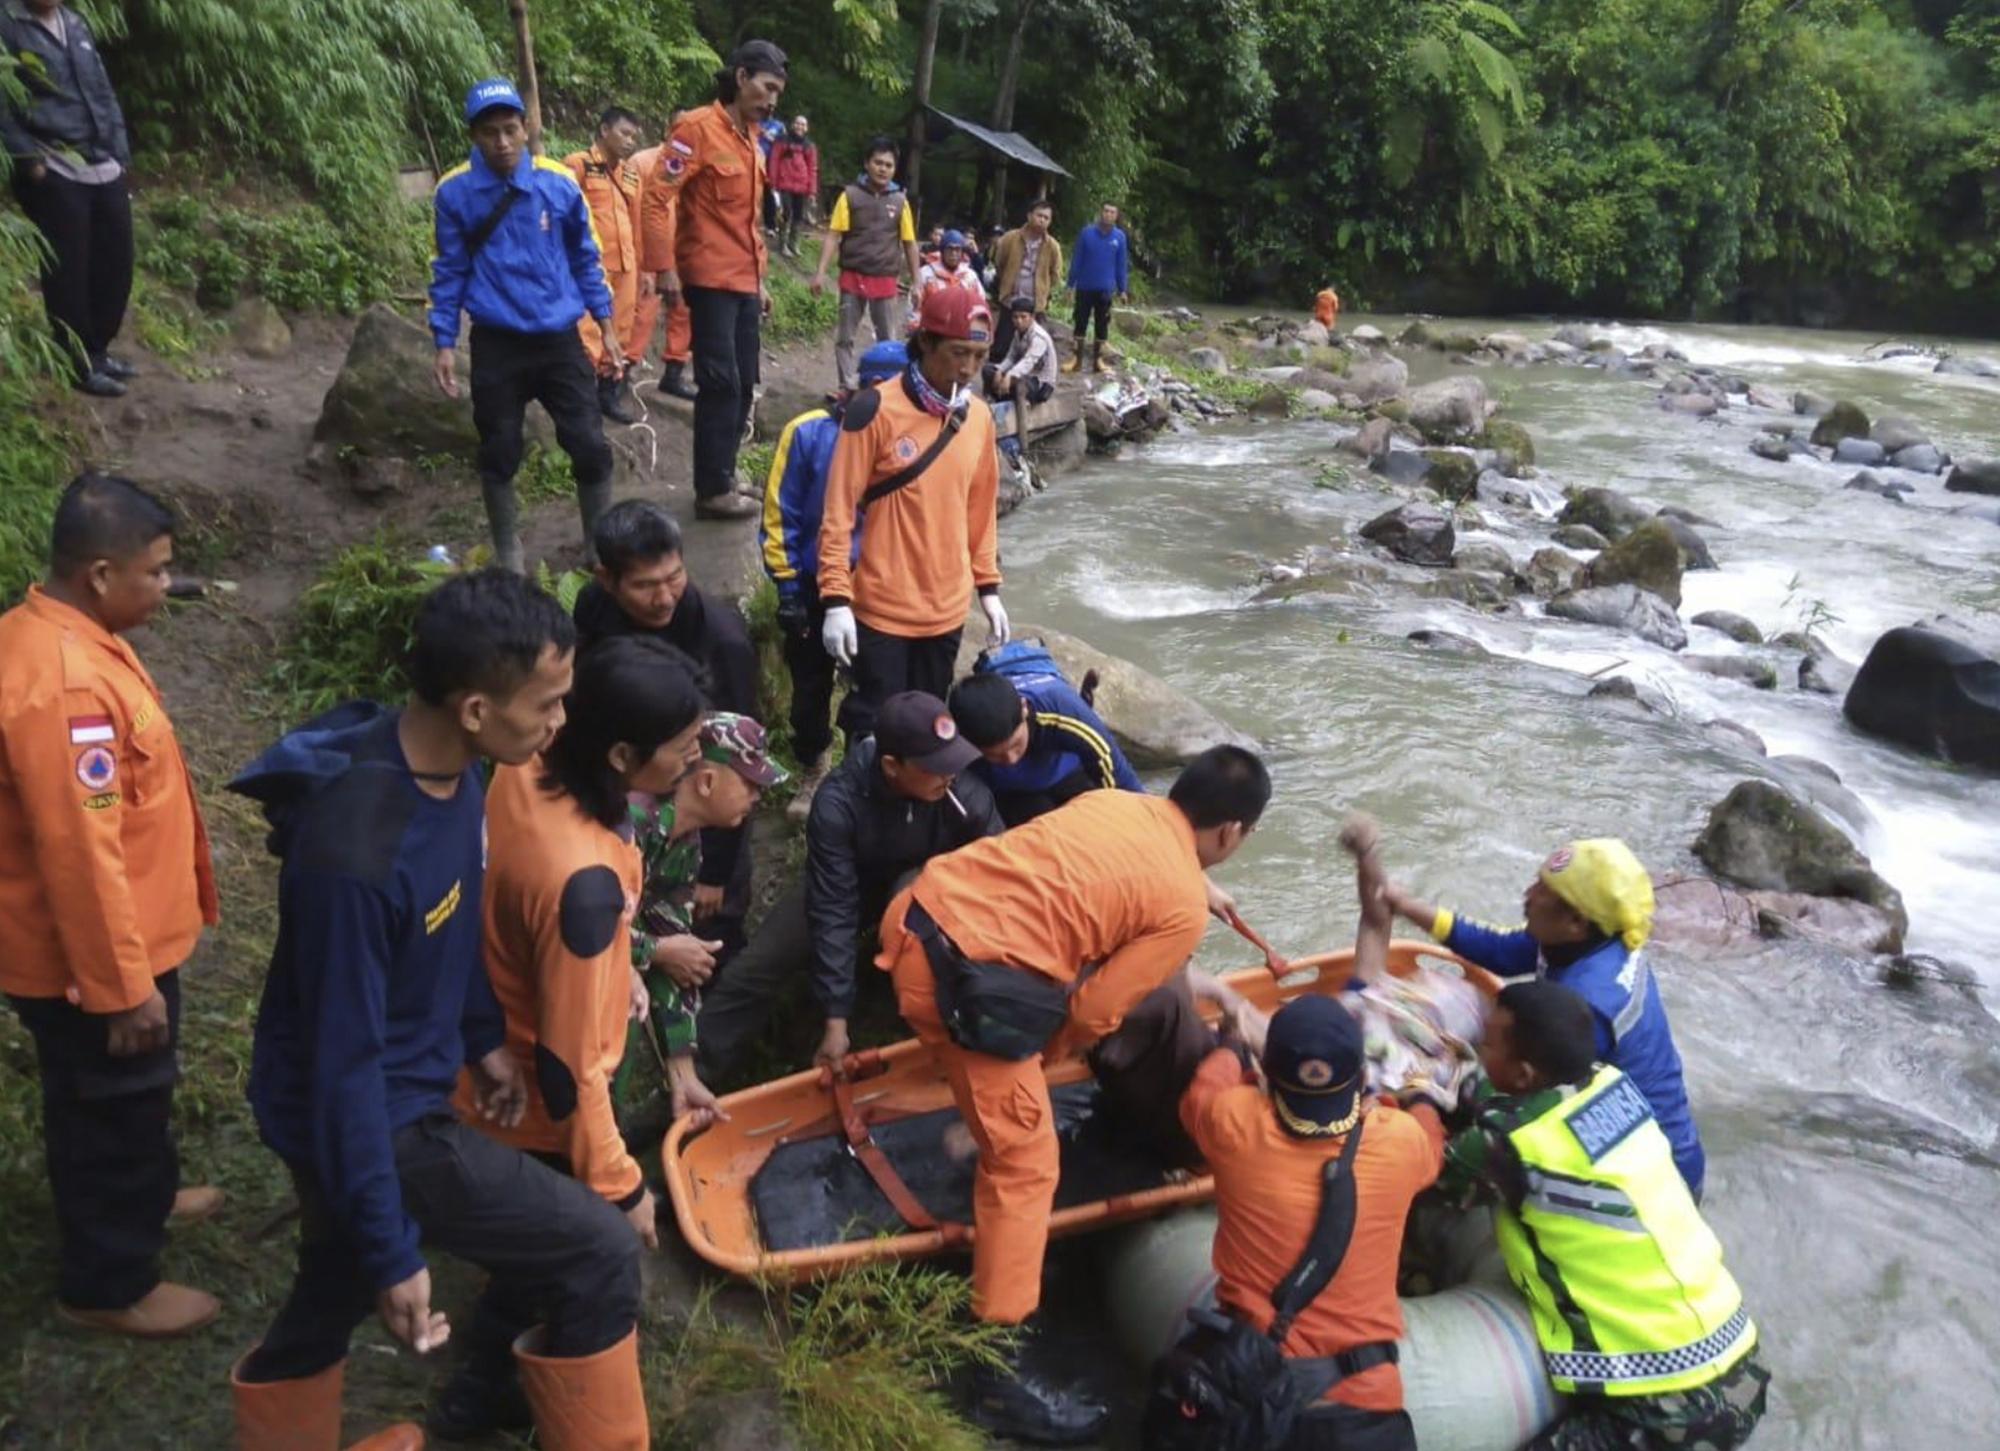 Szakadékba zuhant egy turistabusz Indonéziában